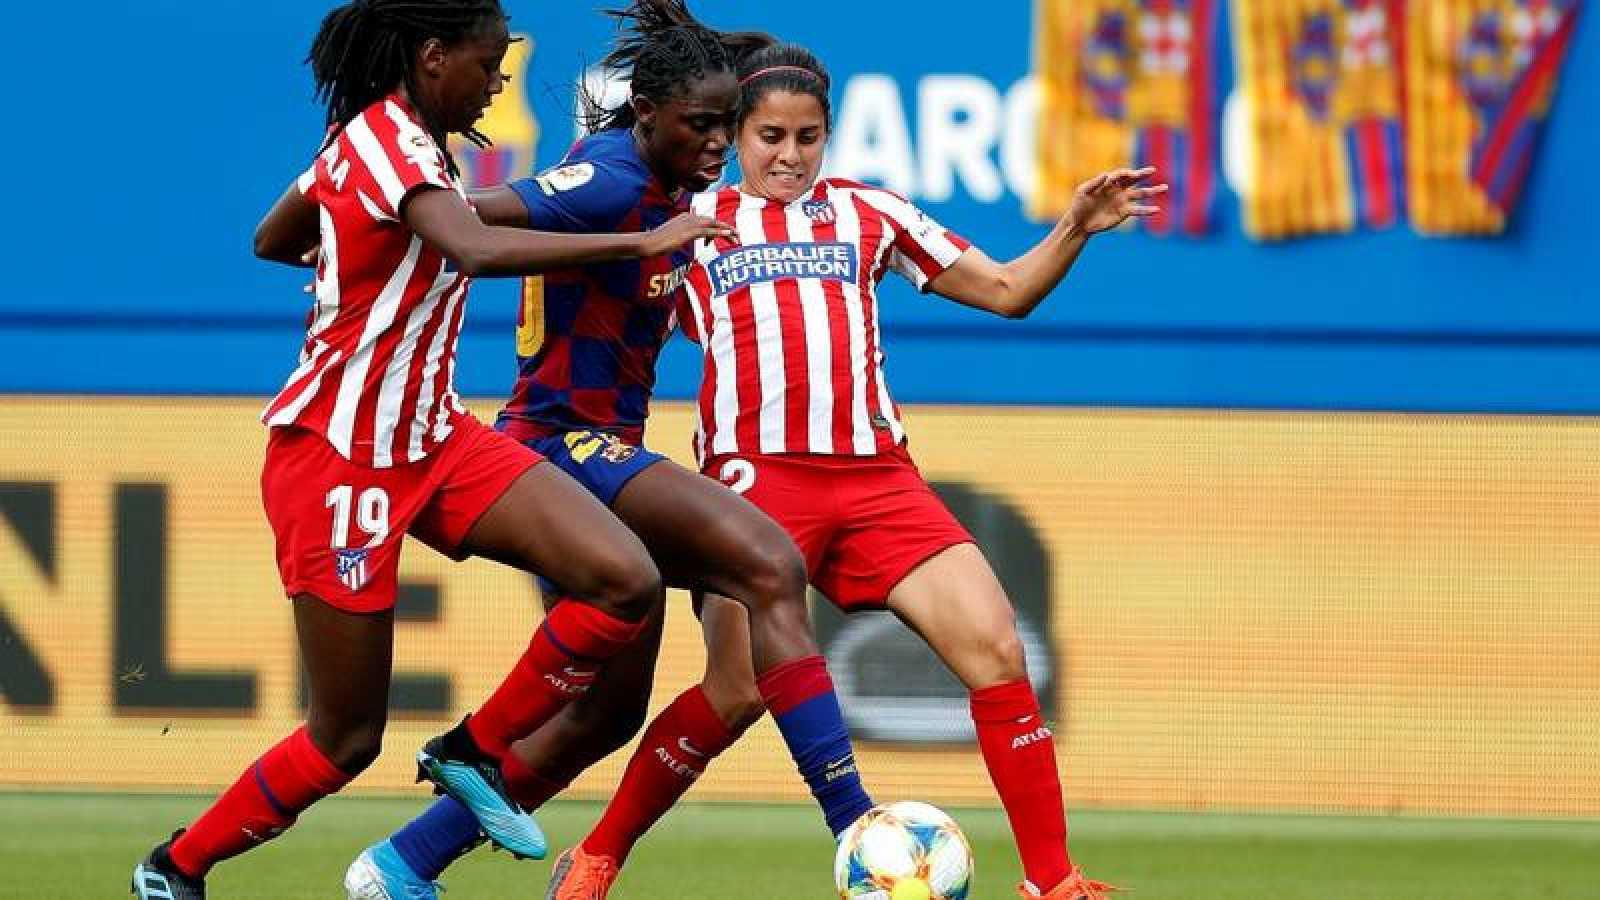 Imagen del partido entre el Atlético de Madrid y el FC Barcelona de la Liga Iberdrola femenina.